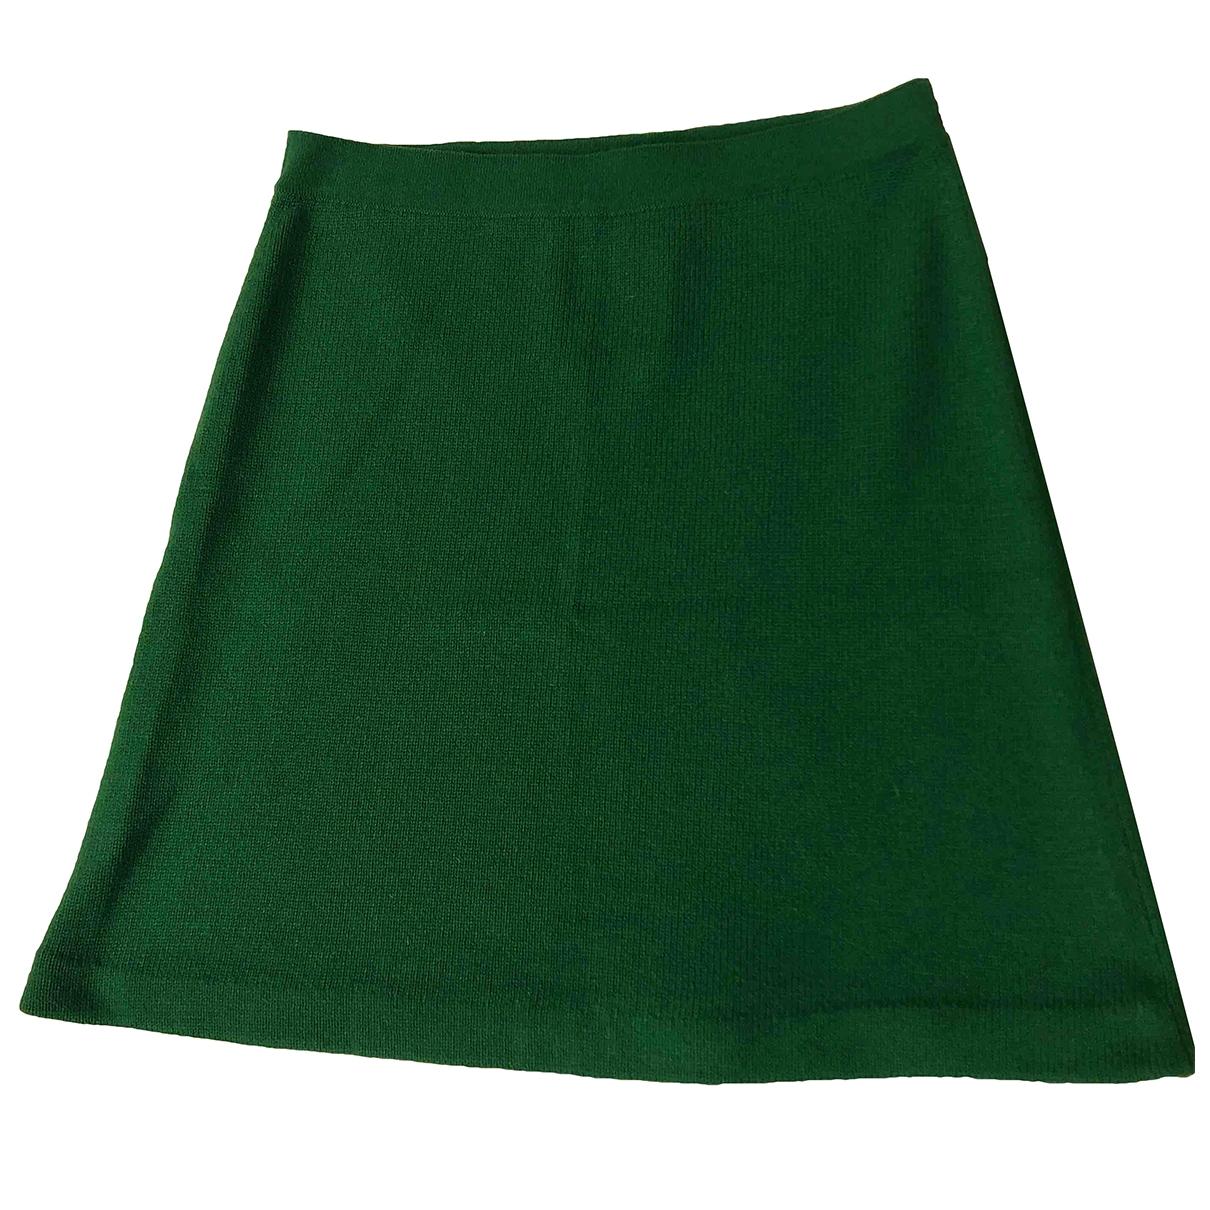 Chanel \N Green Cashmere skirt for Women 36 FR